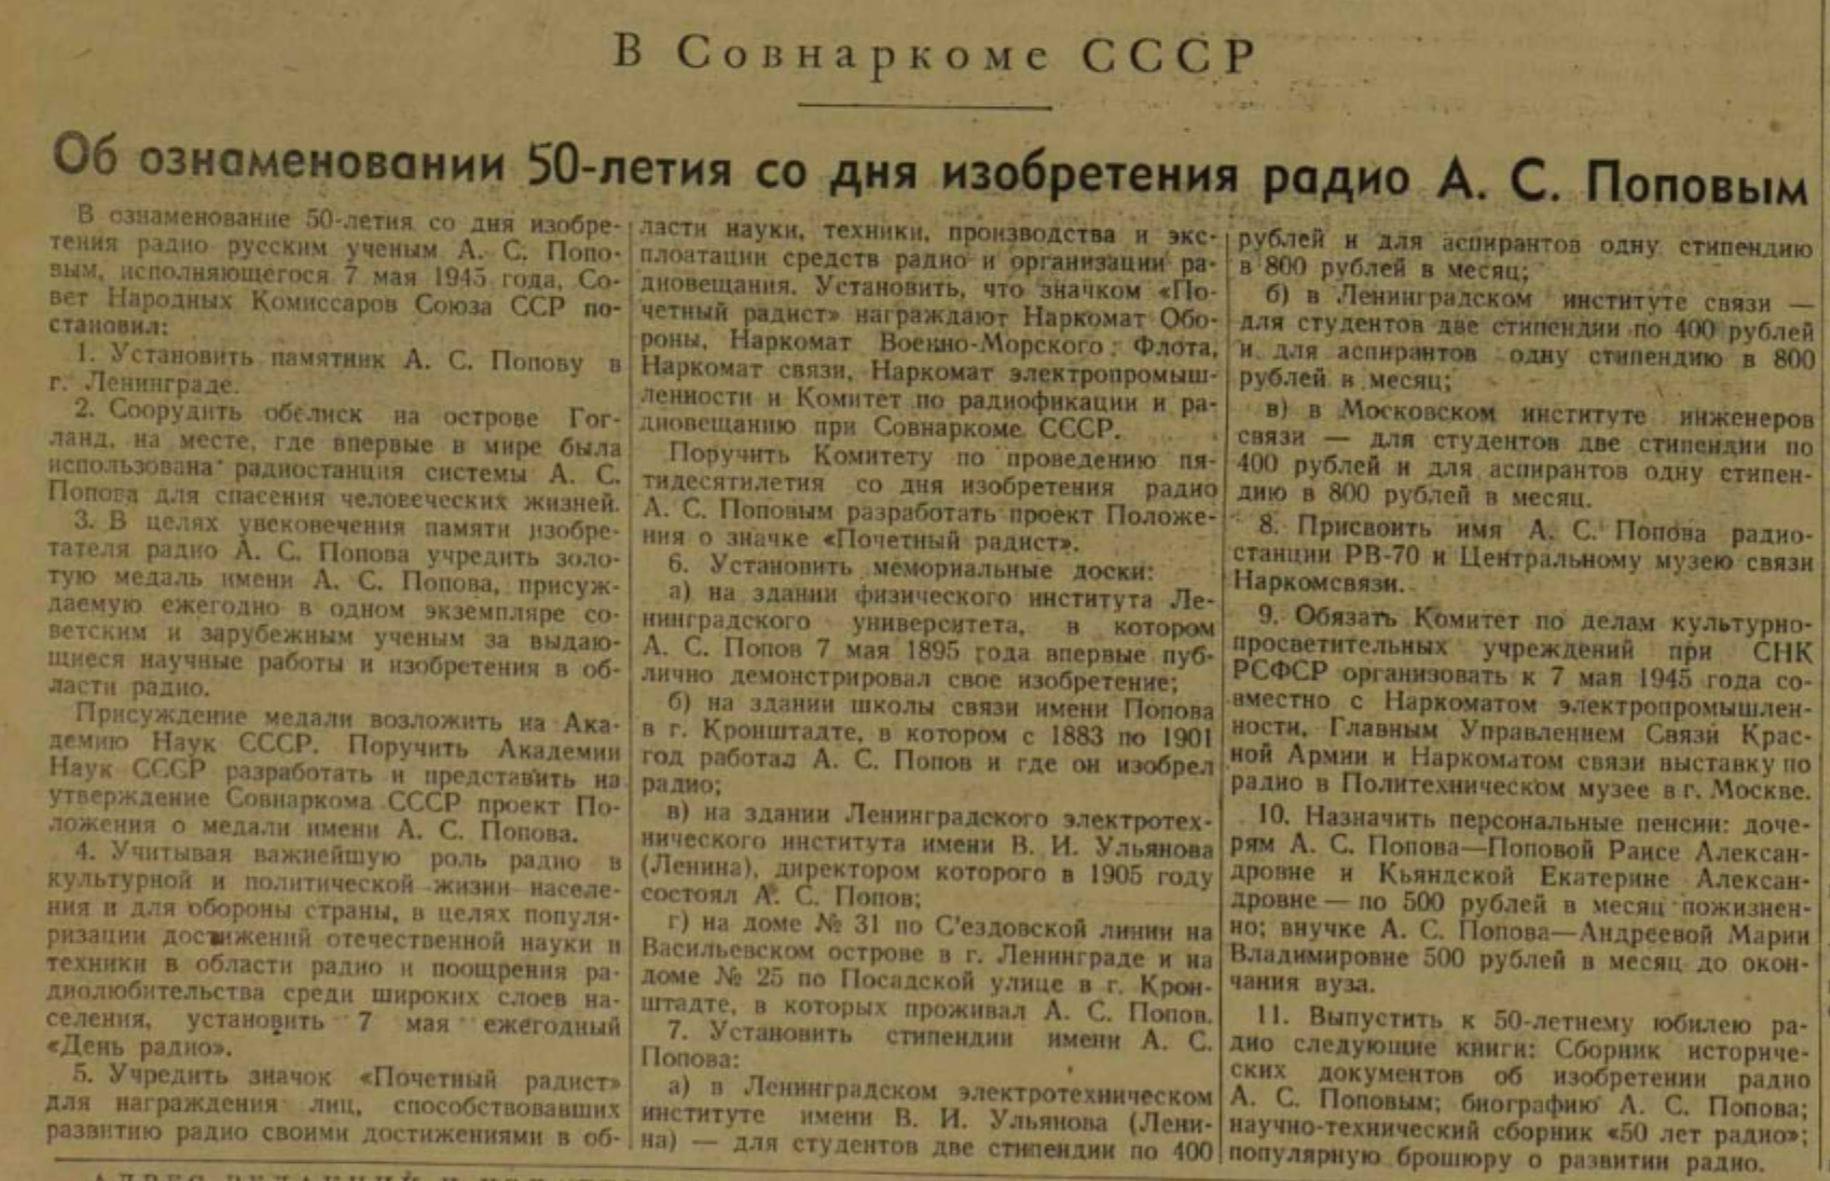 Об ознаменовании 50-летия со дня изобретения радио А.С. Поповым (Газета «Известия» от 04 мая 1945 года)